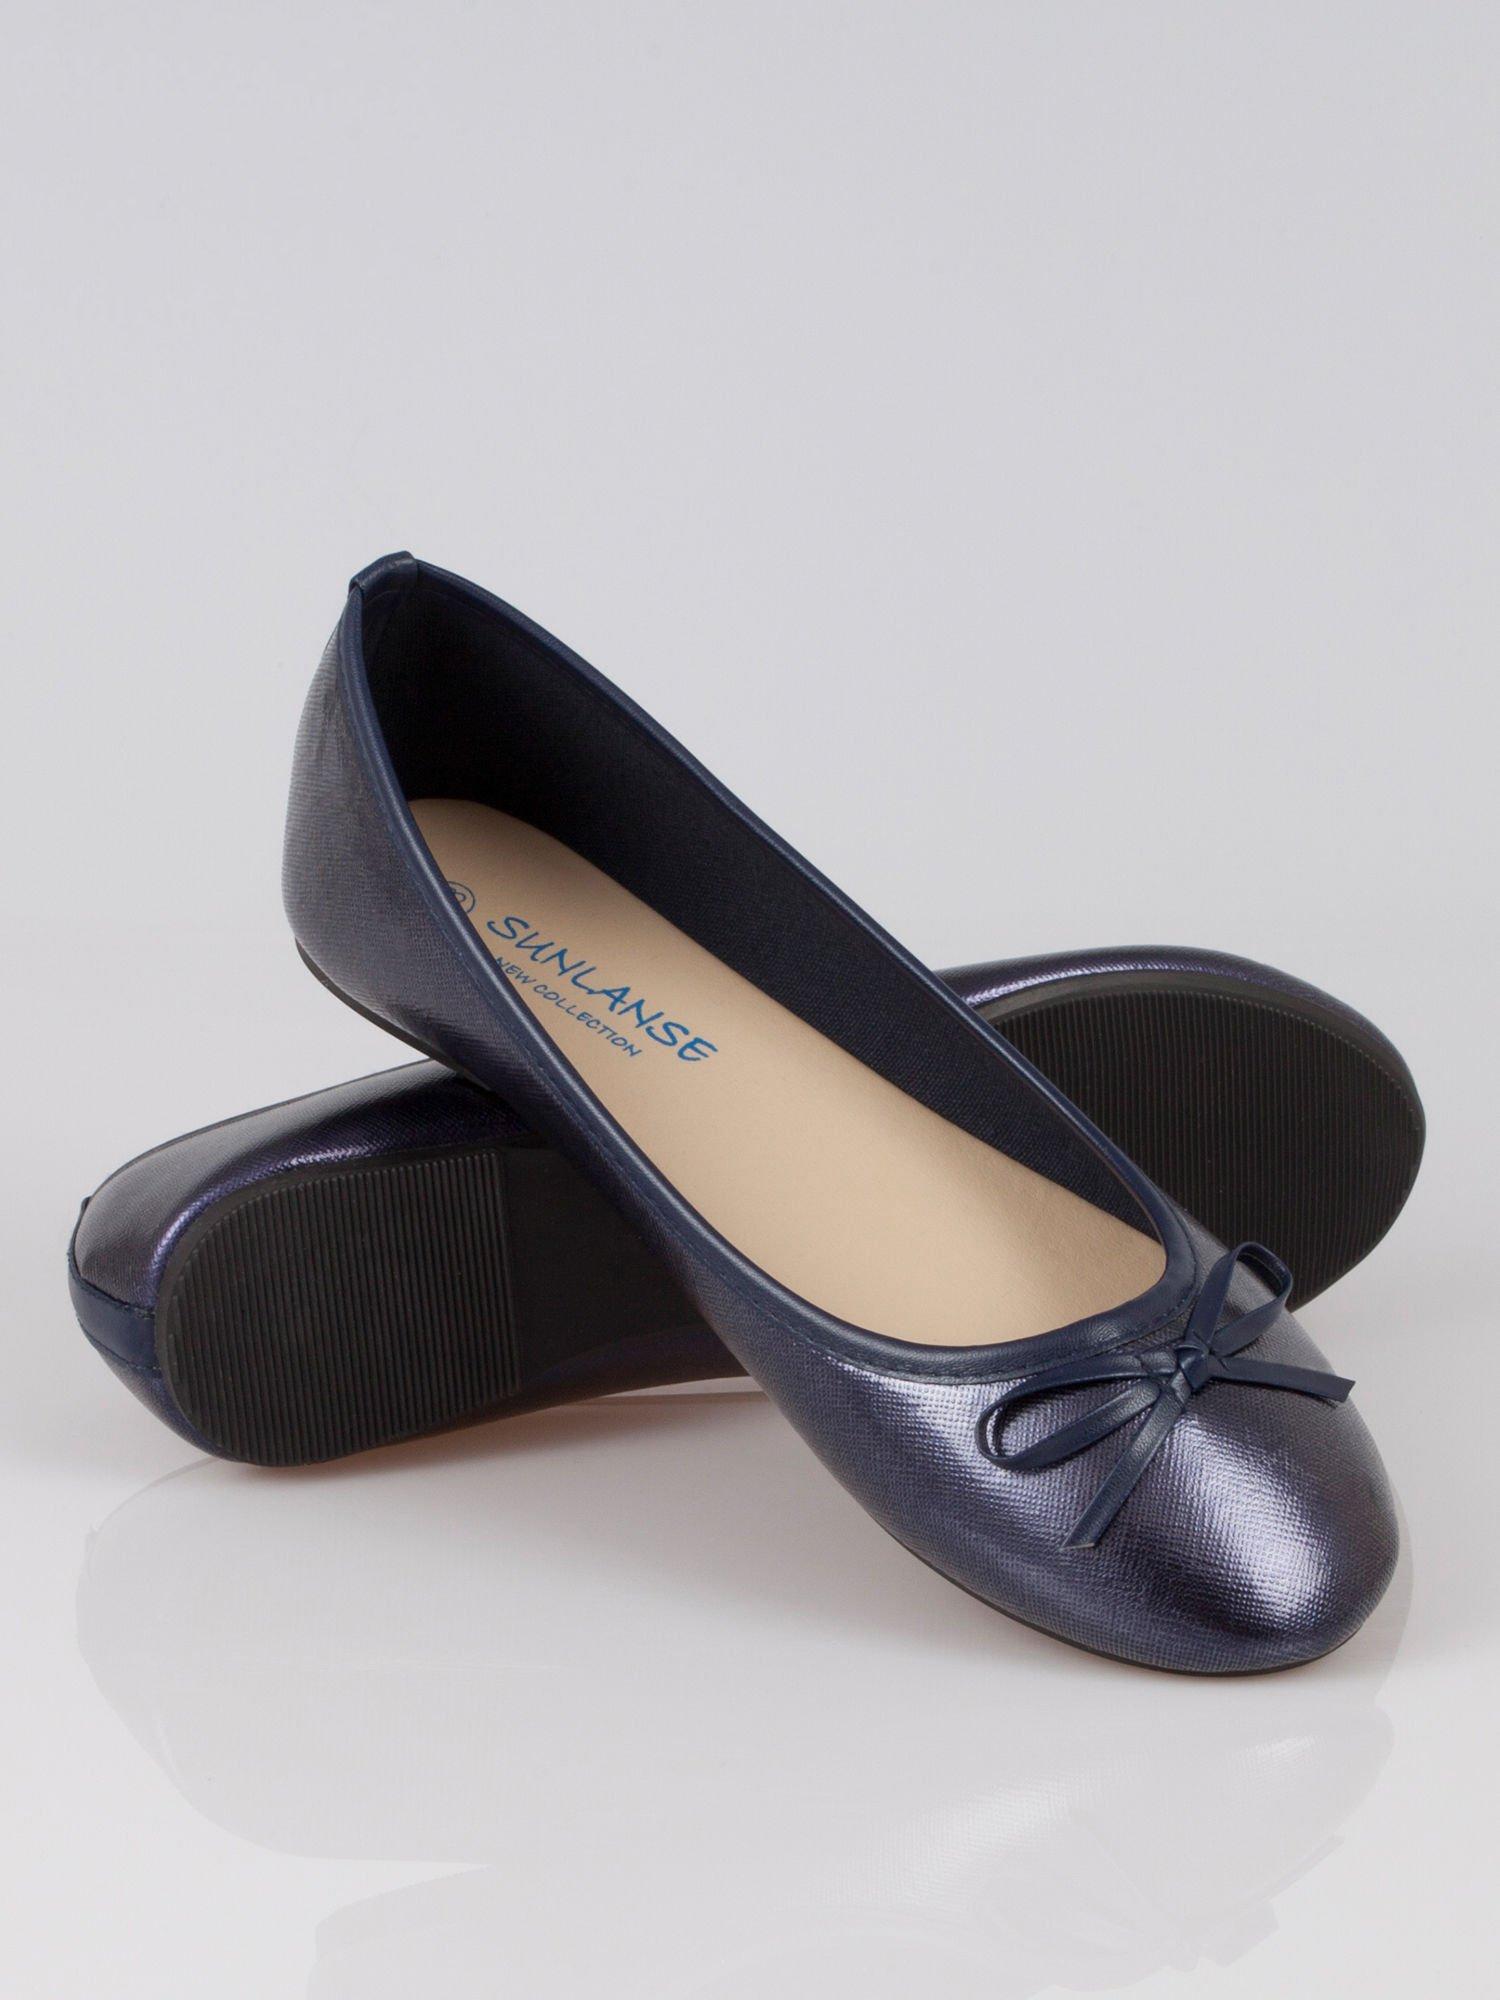 Granatowe baleriny classic leather z kokardką ze skóry saffiano                                  zdj.                                  3